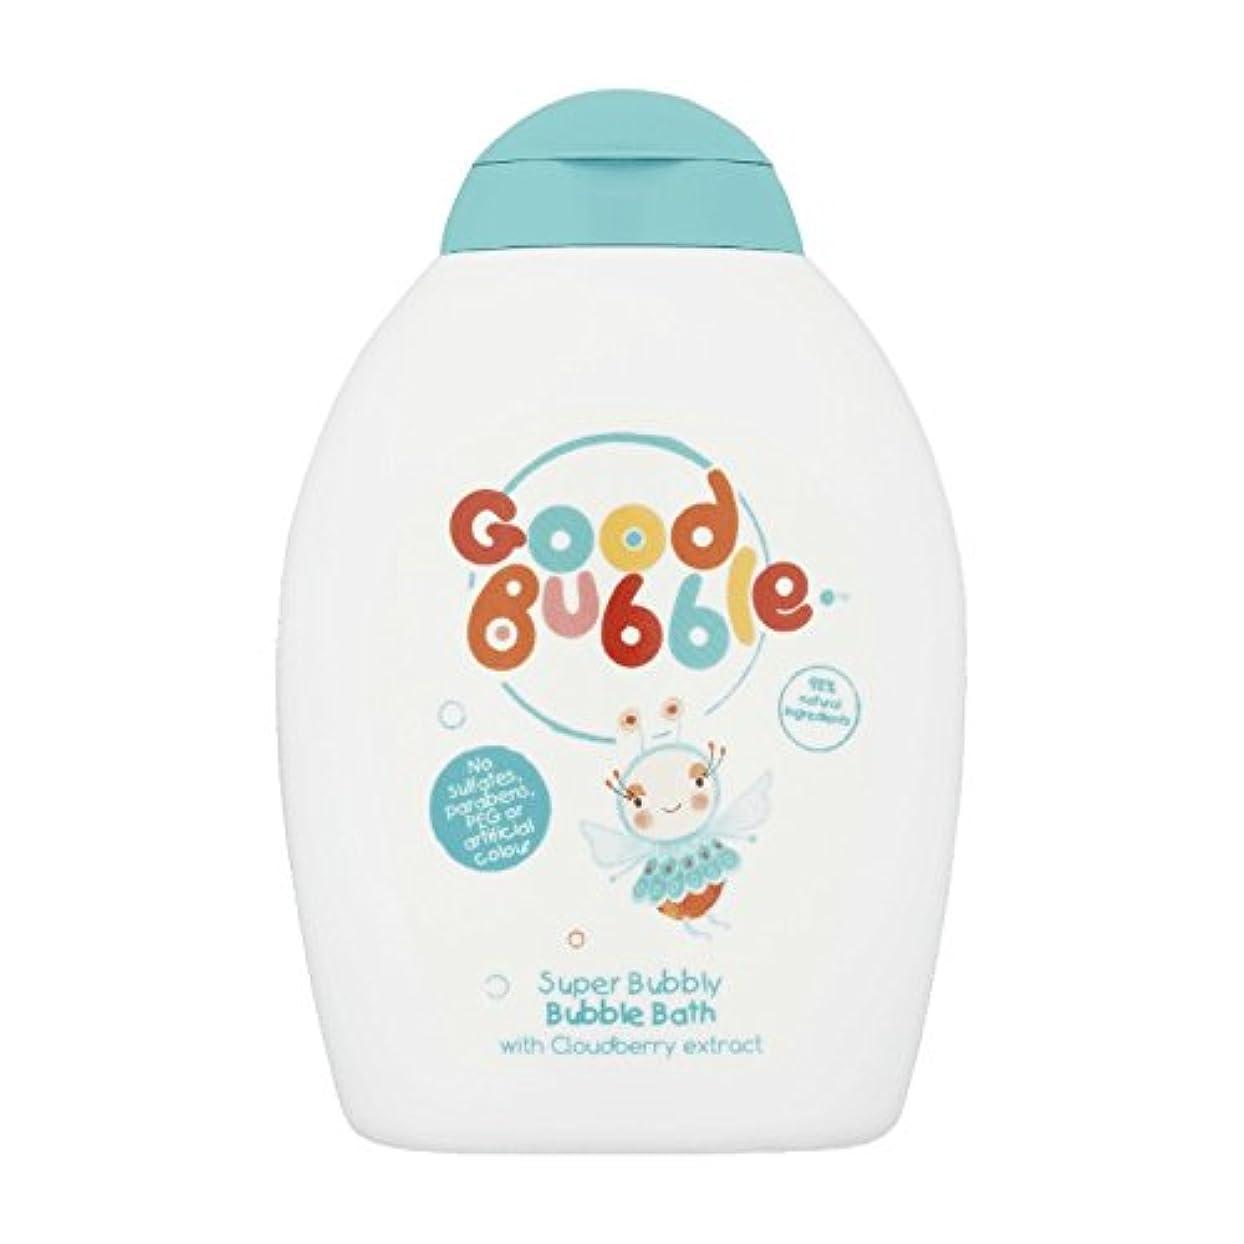 力強いワンダー未接続Good Bubble Cloudberry Bubble Bath 400ml (Pack of 2) - 良いバブルクラウドベリーバブルバス400ミリリットル (x2) [並行輸入品]